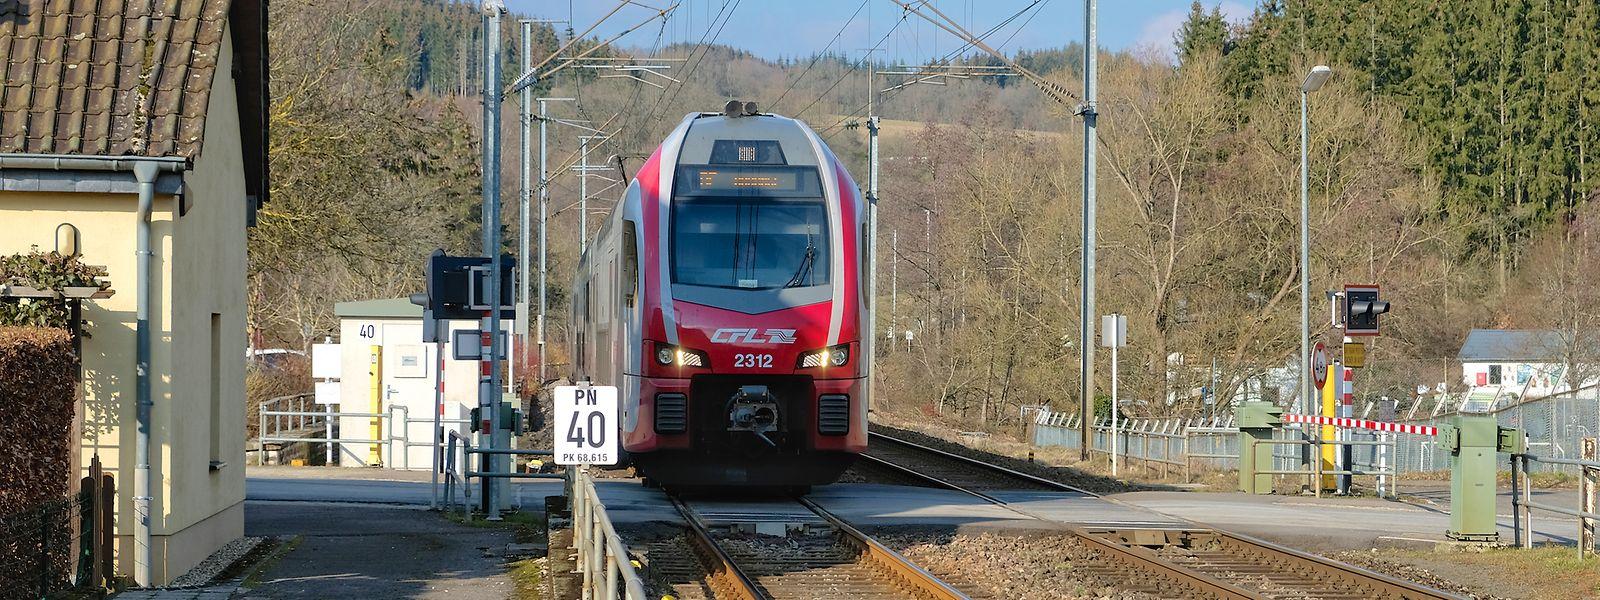 Rund 1000 Züge der CFL sind täglich auf dem überlasteten Schienennetz unterwegs.